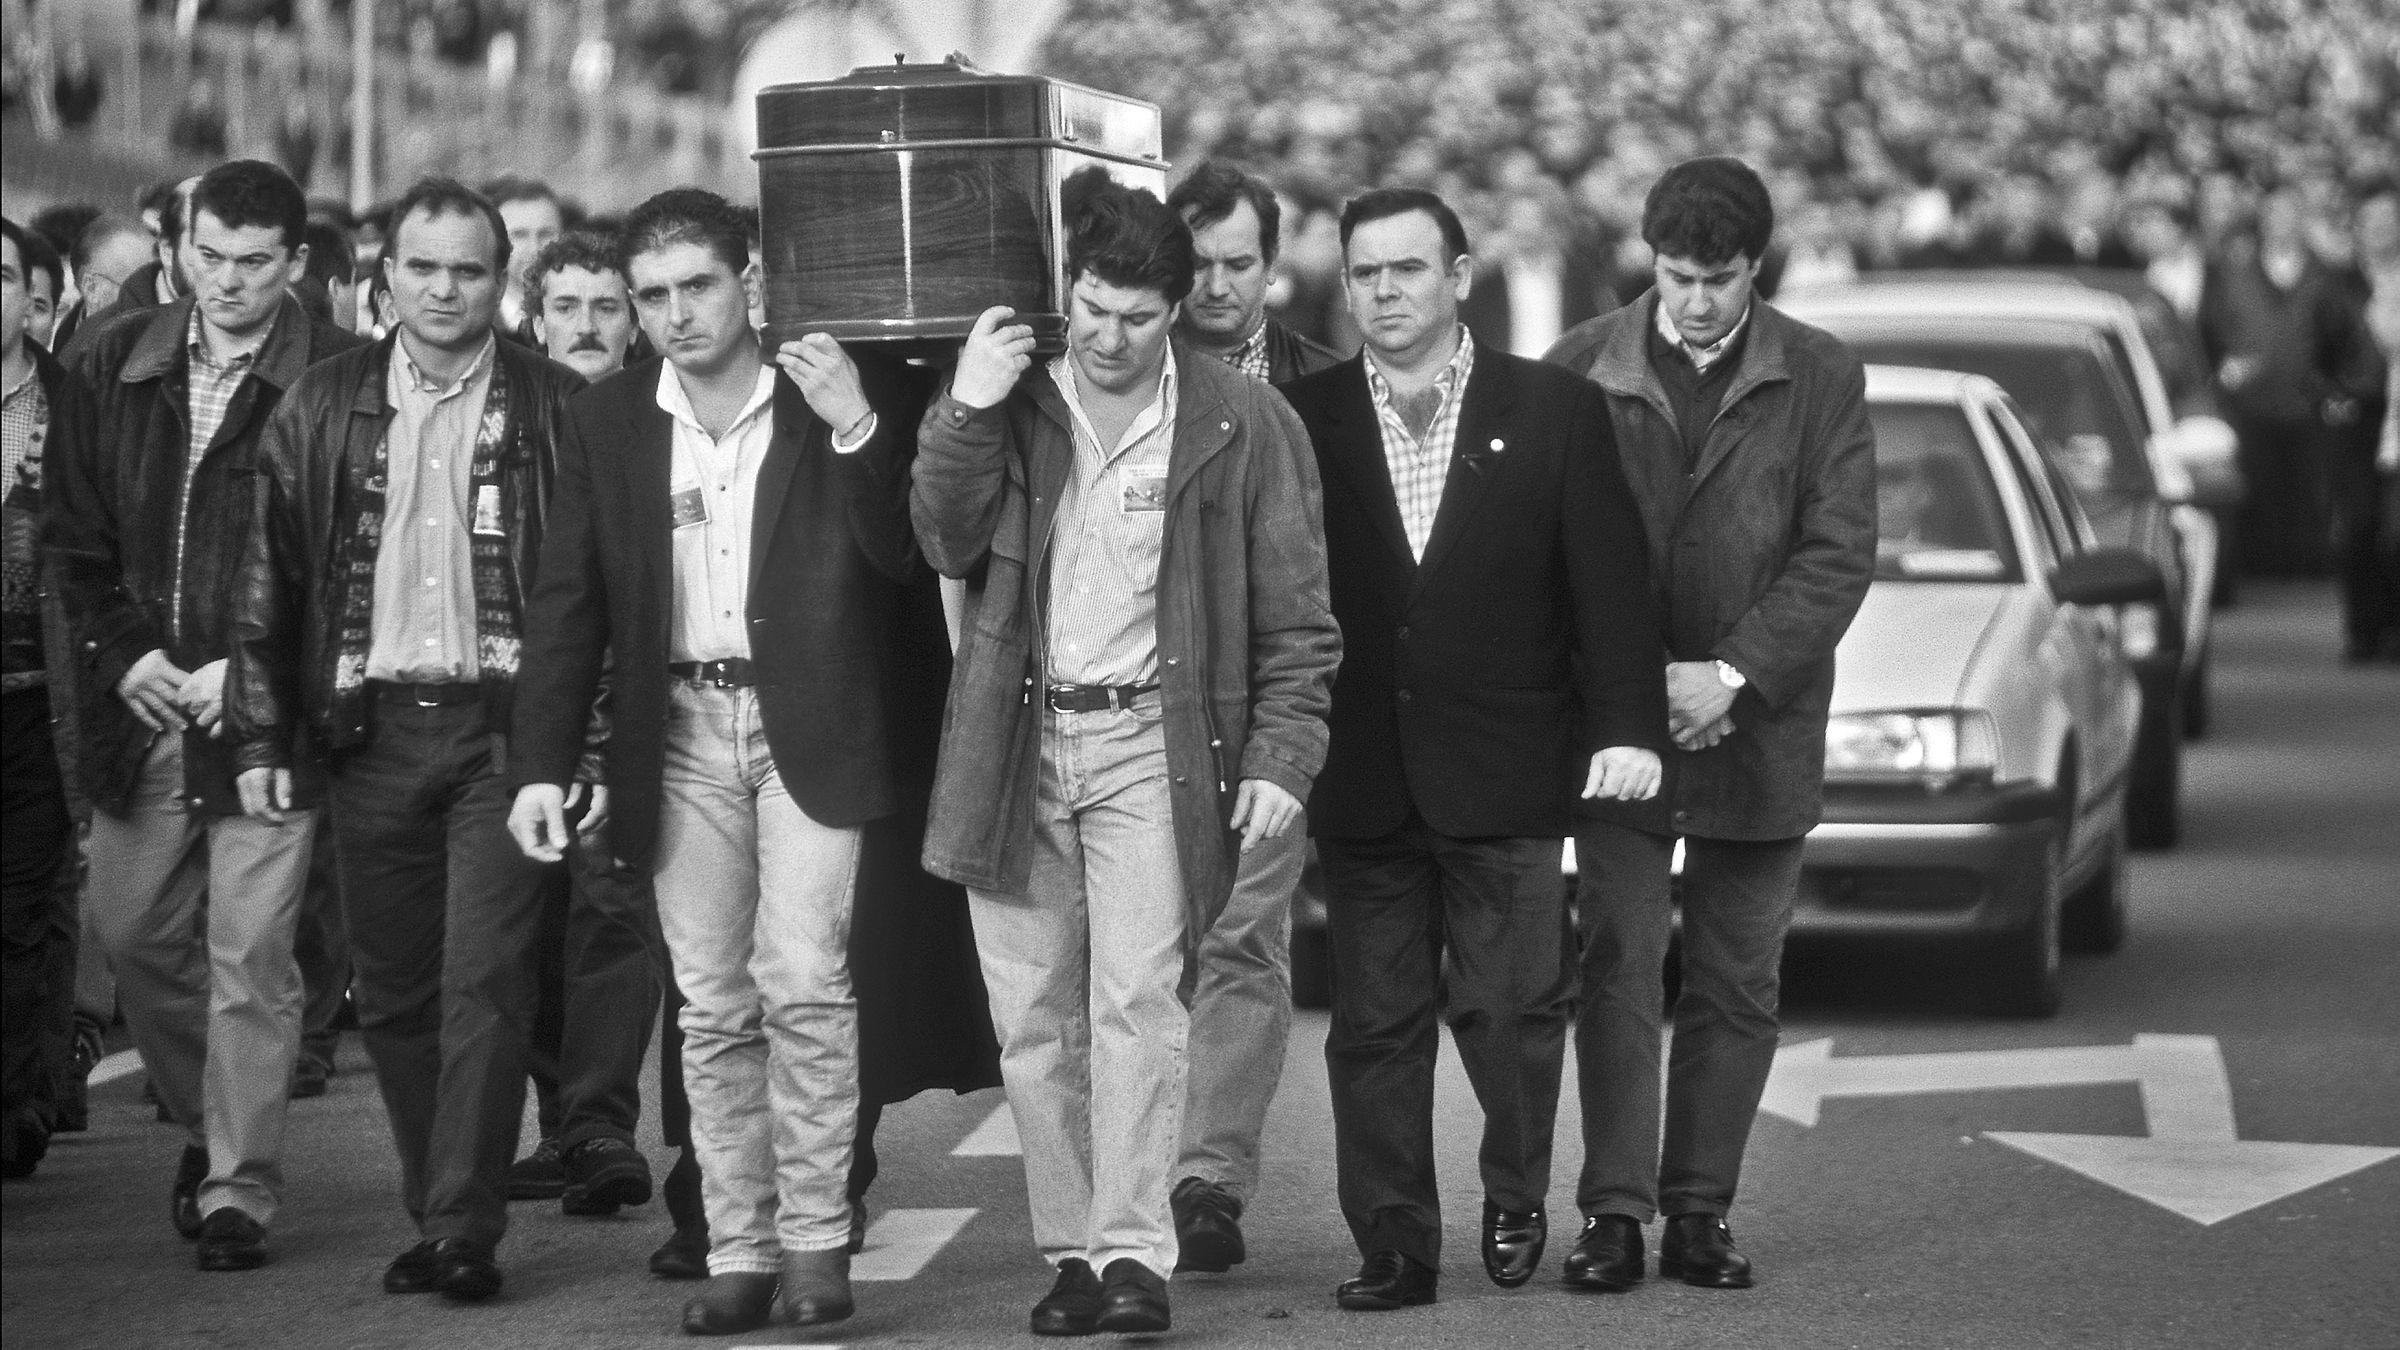 Funeral por el Picador del Pozo Santiago, Lorenzo Gallardo Carro, atropellado en la A-66 durante las movilizaciones mineras. Ujo. Asturias 1998